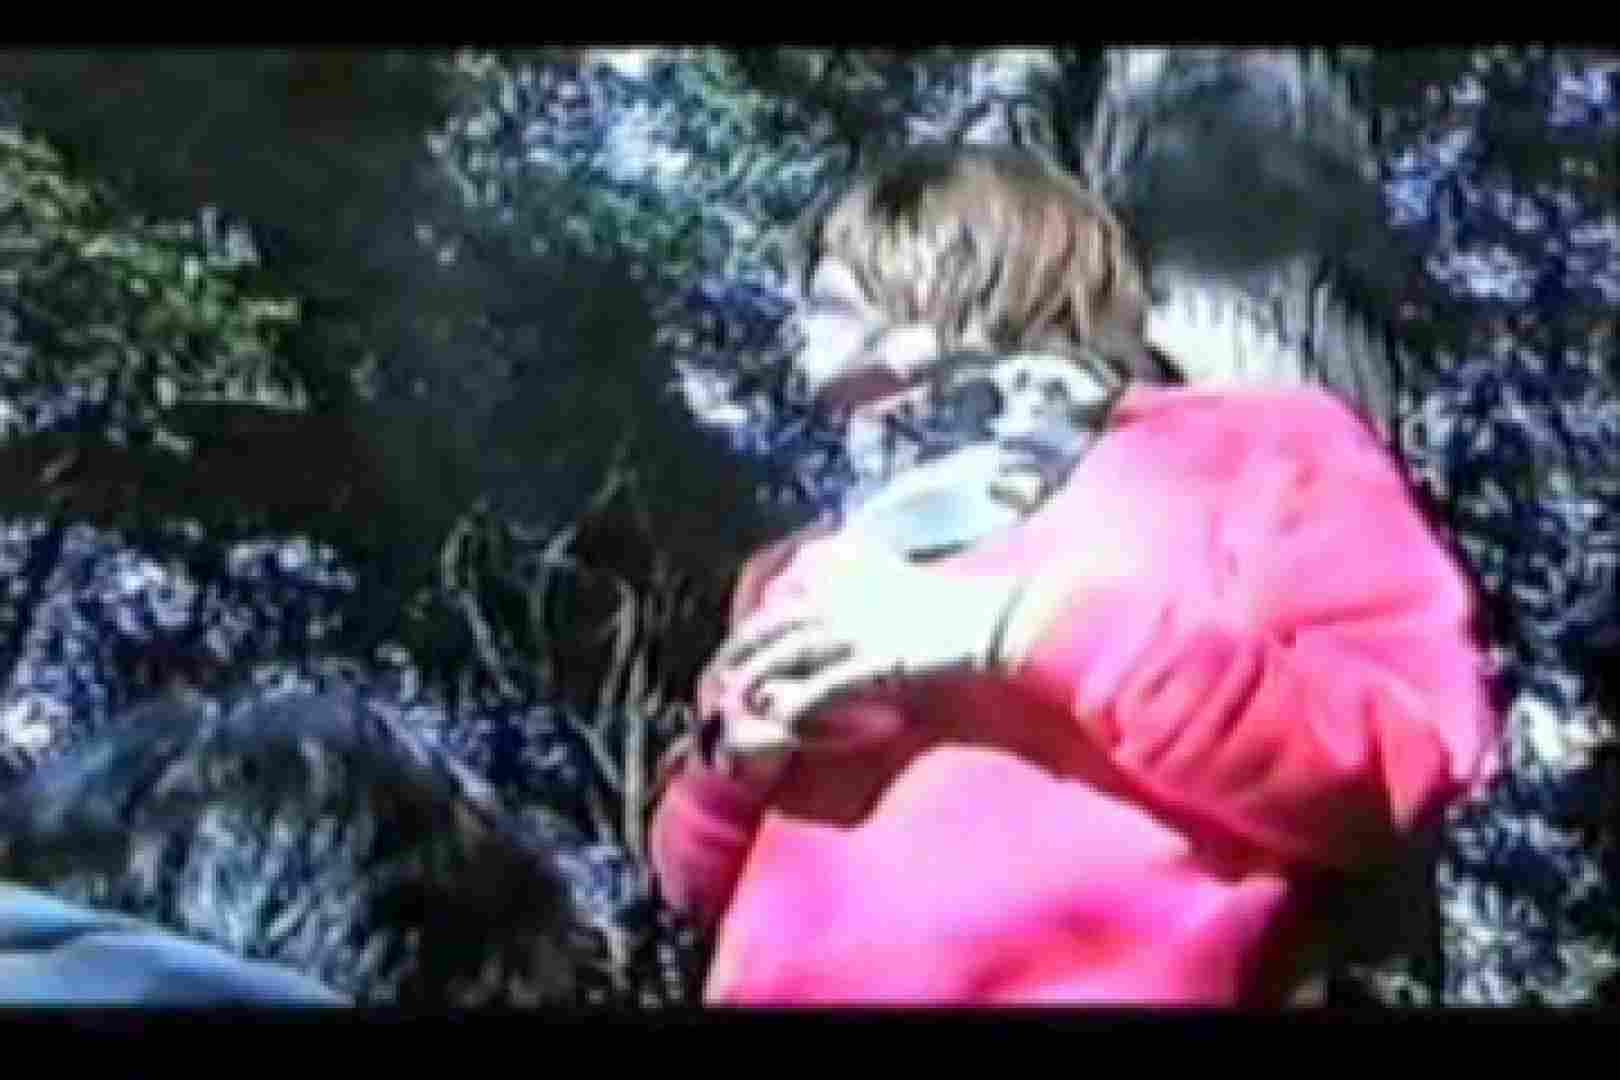 オールドゲイシリーズ  美少年ひかるのオープンファック オナニー ゲイヌード画像 46pic 39